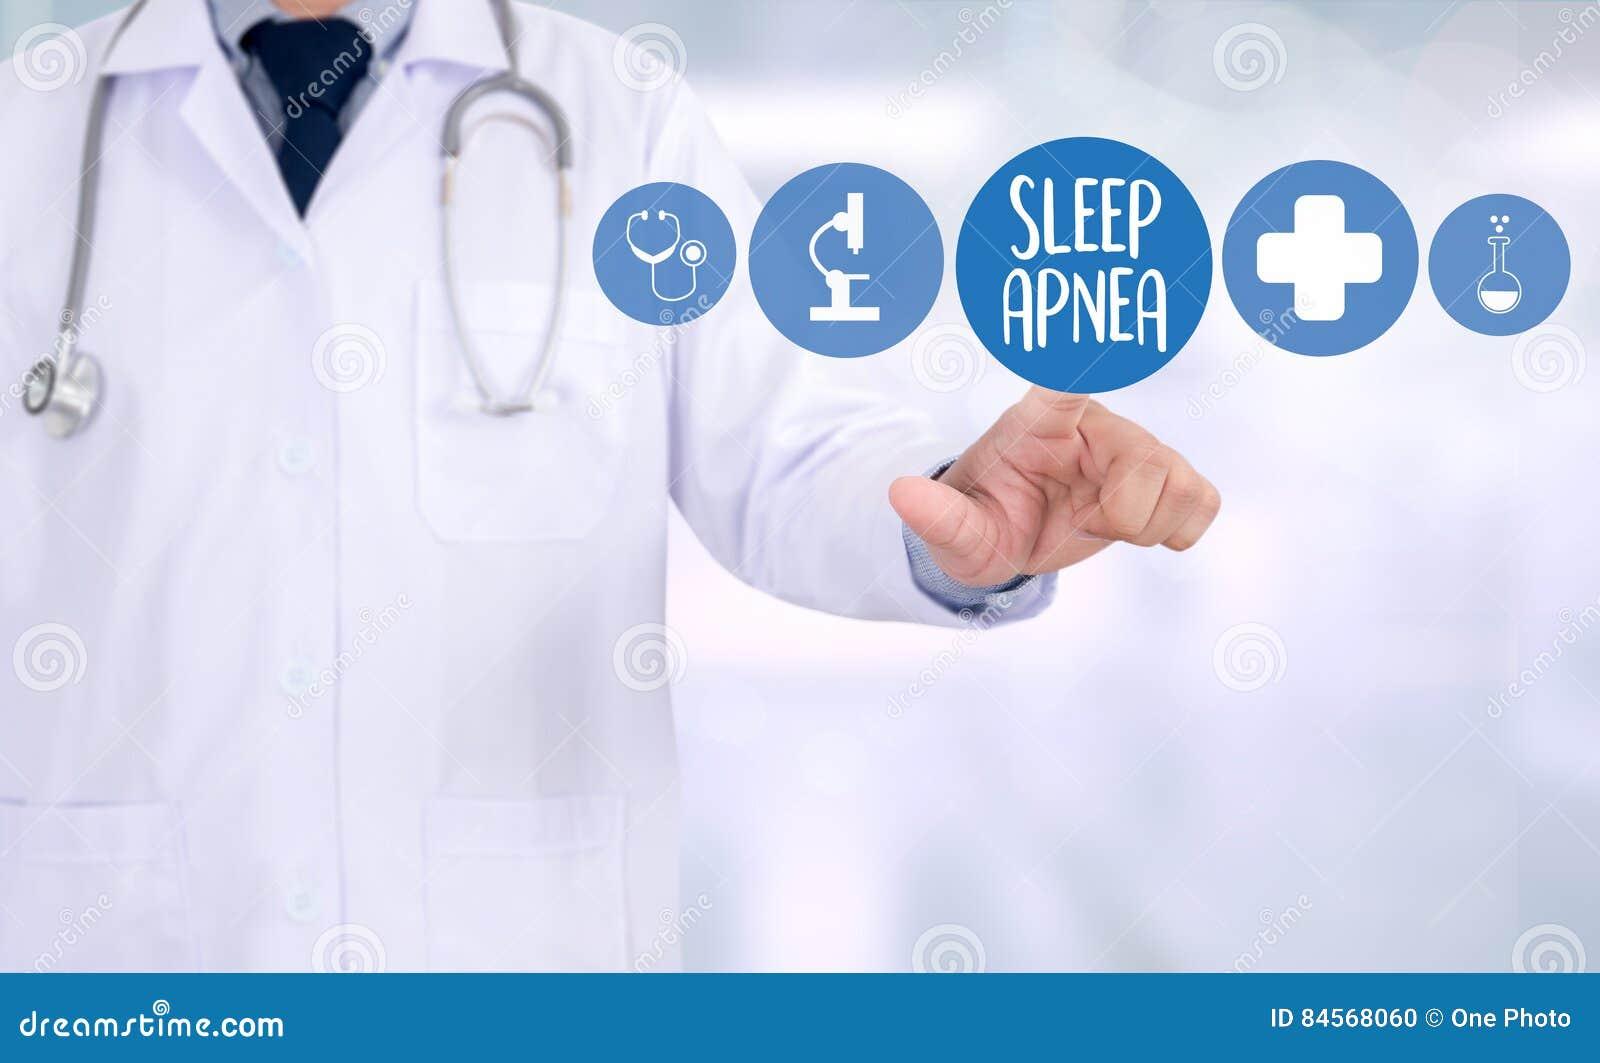 Apnea de sueño usando CPAP, APNEA de SUEÑO de la máquina, sueño de la diagnosis